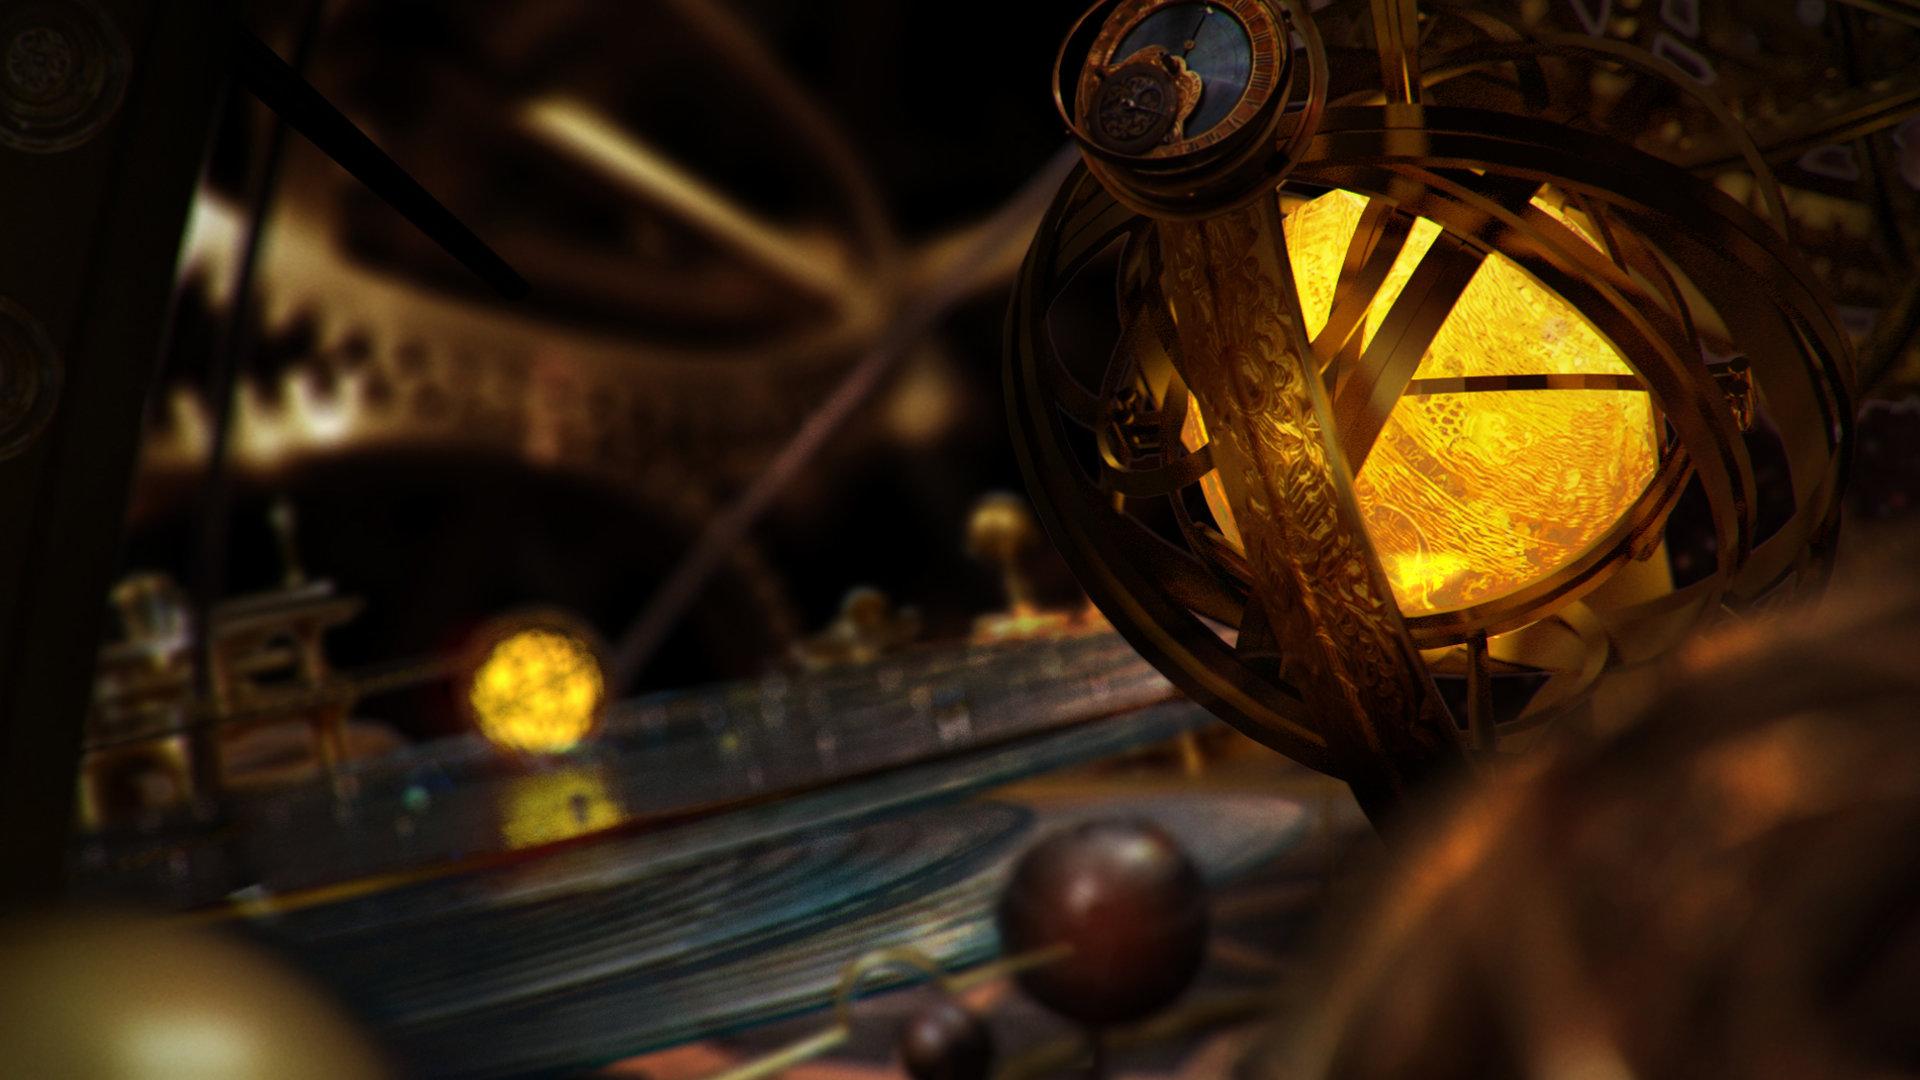 Paolo giandoso uf clockwork universe pg 05 v001